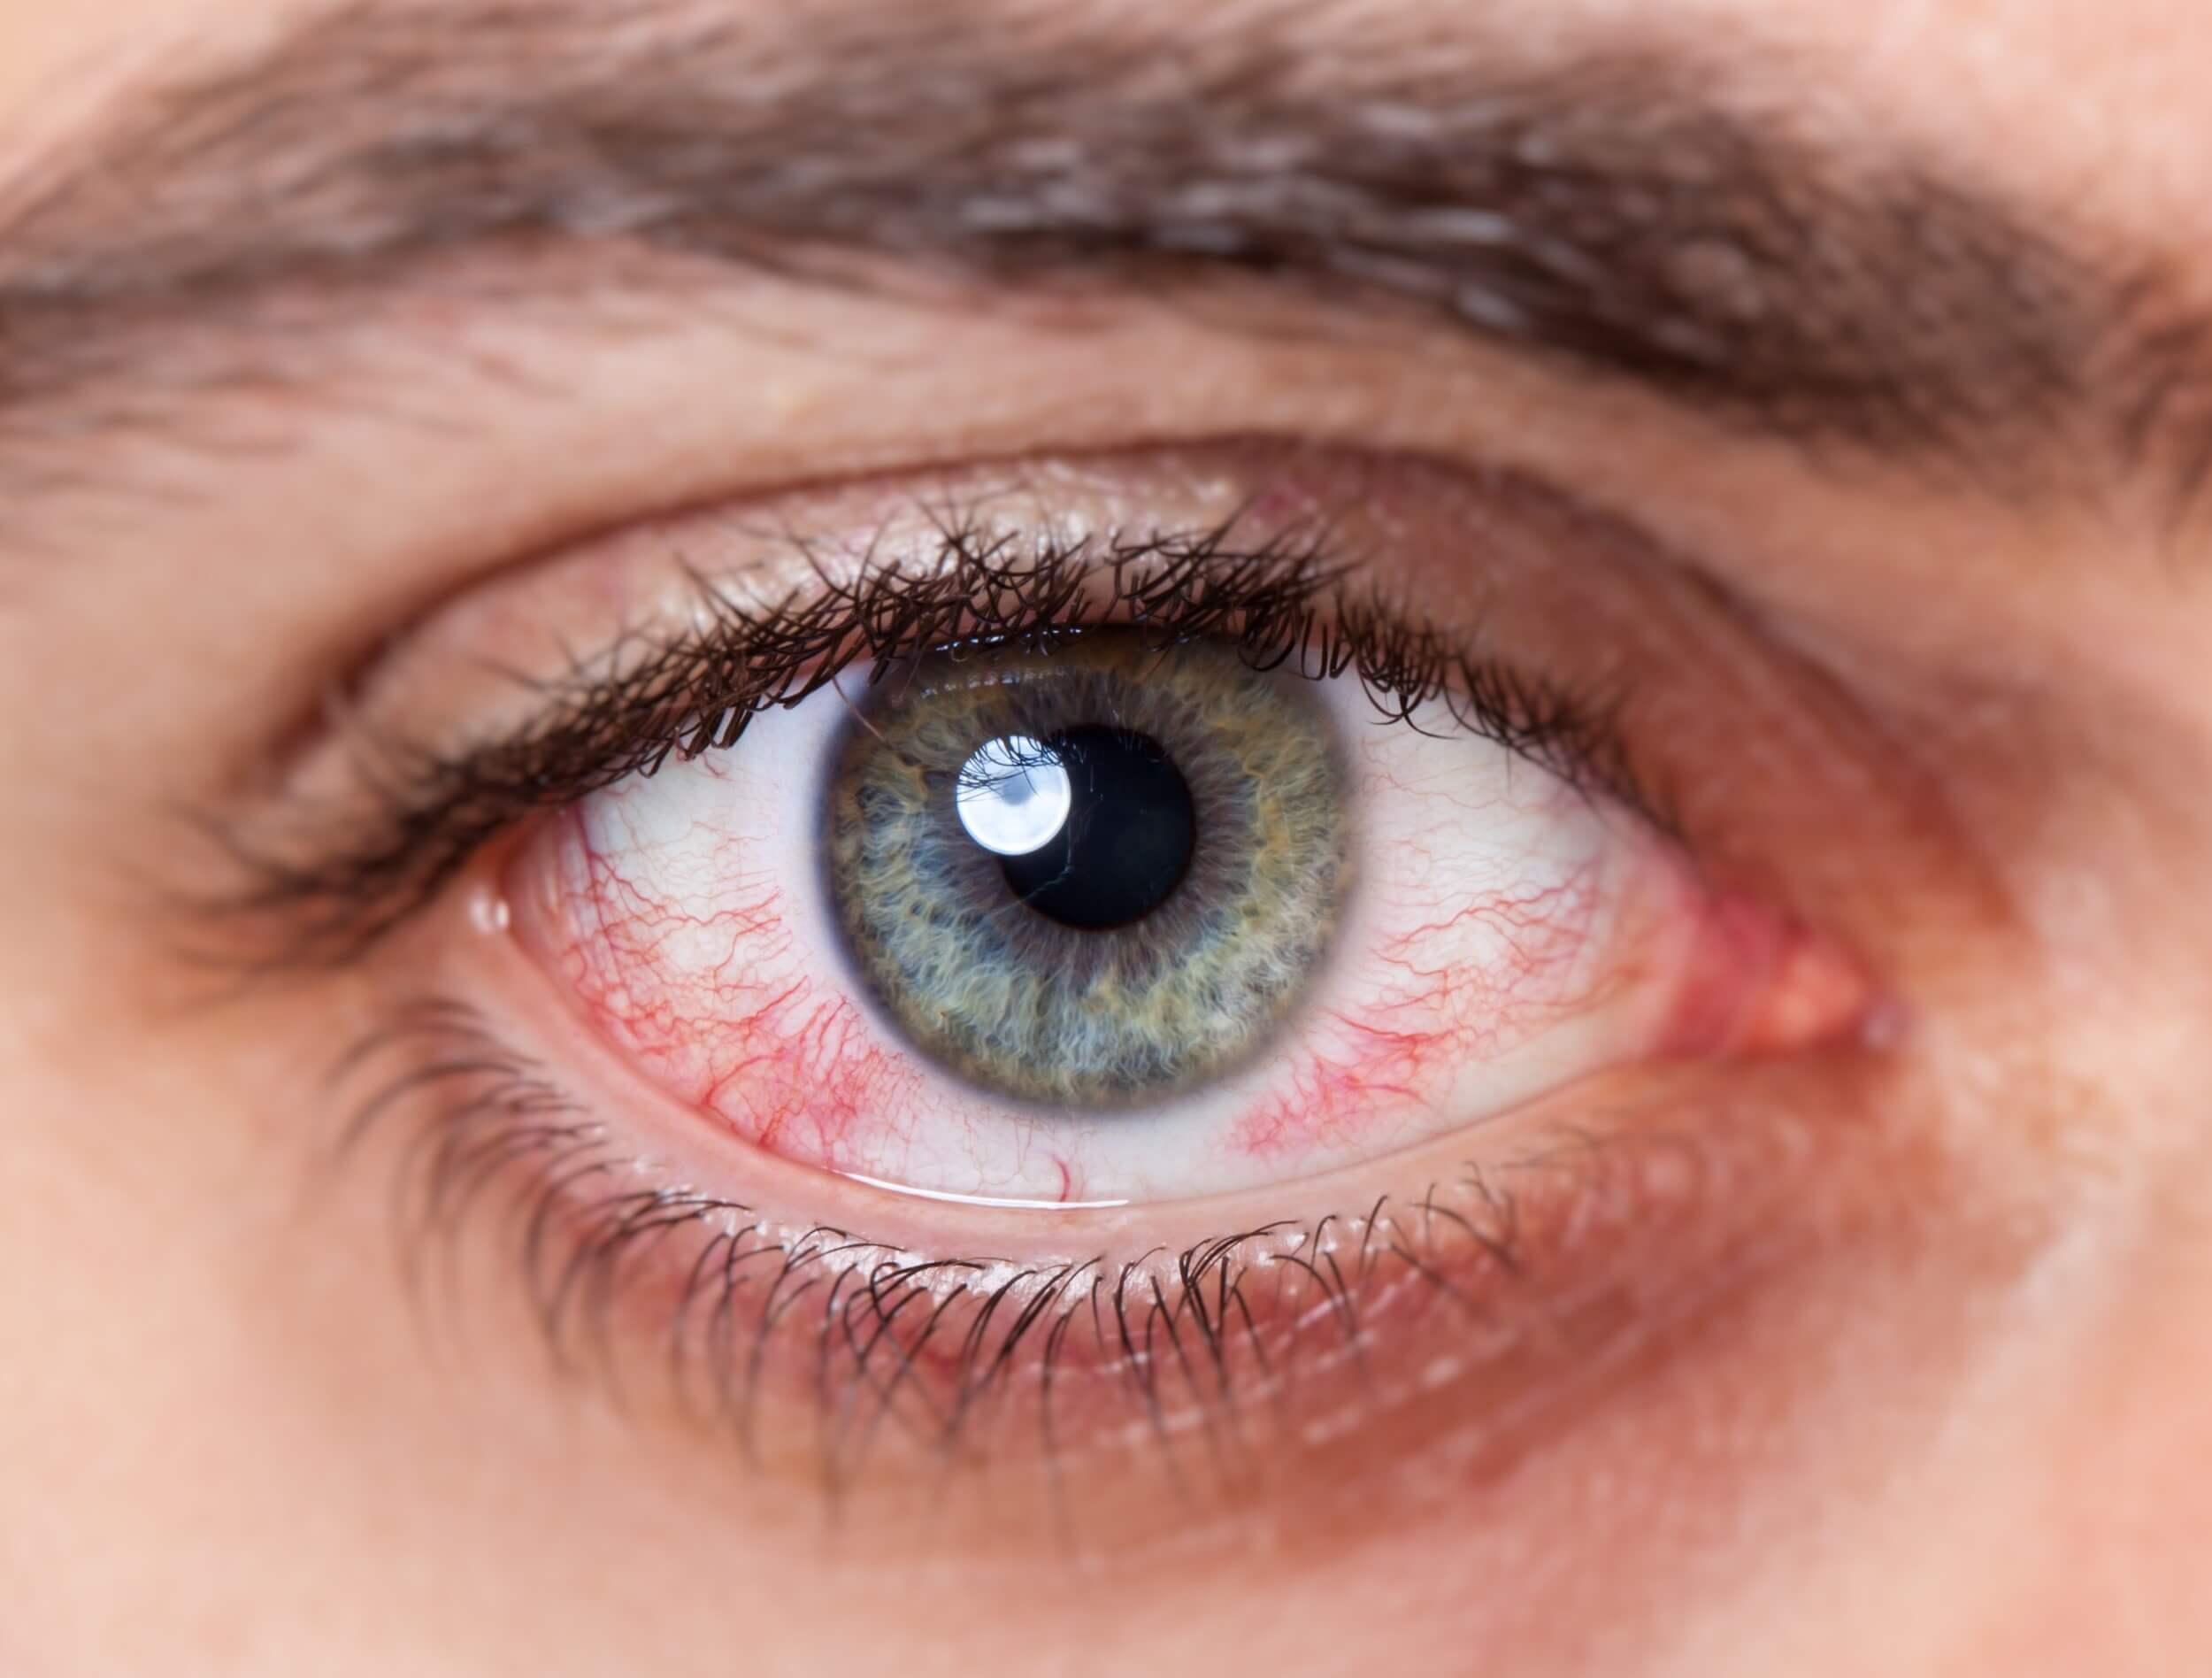 Mann mit rotem Auge und Keratokonus verträgt keine Kontaktlinsen mehr.